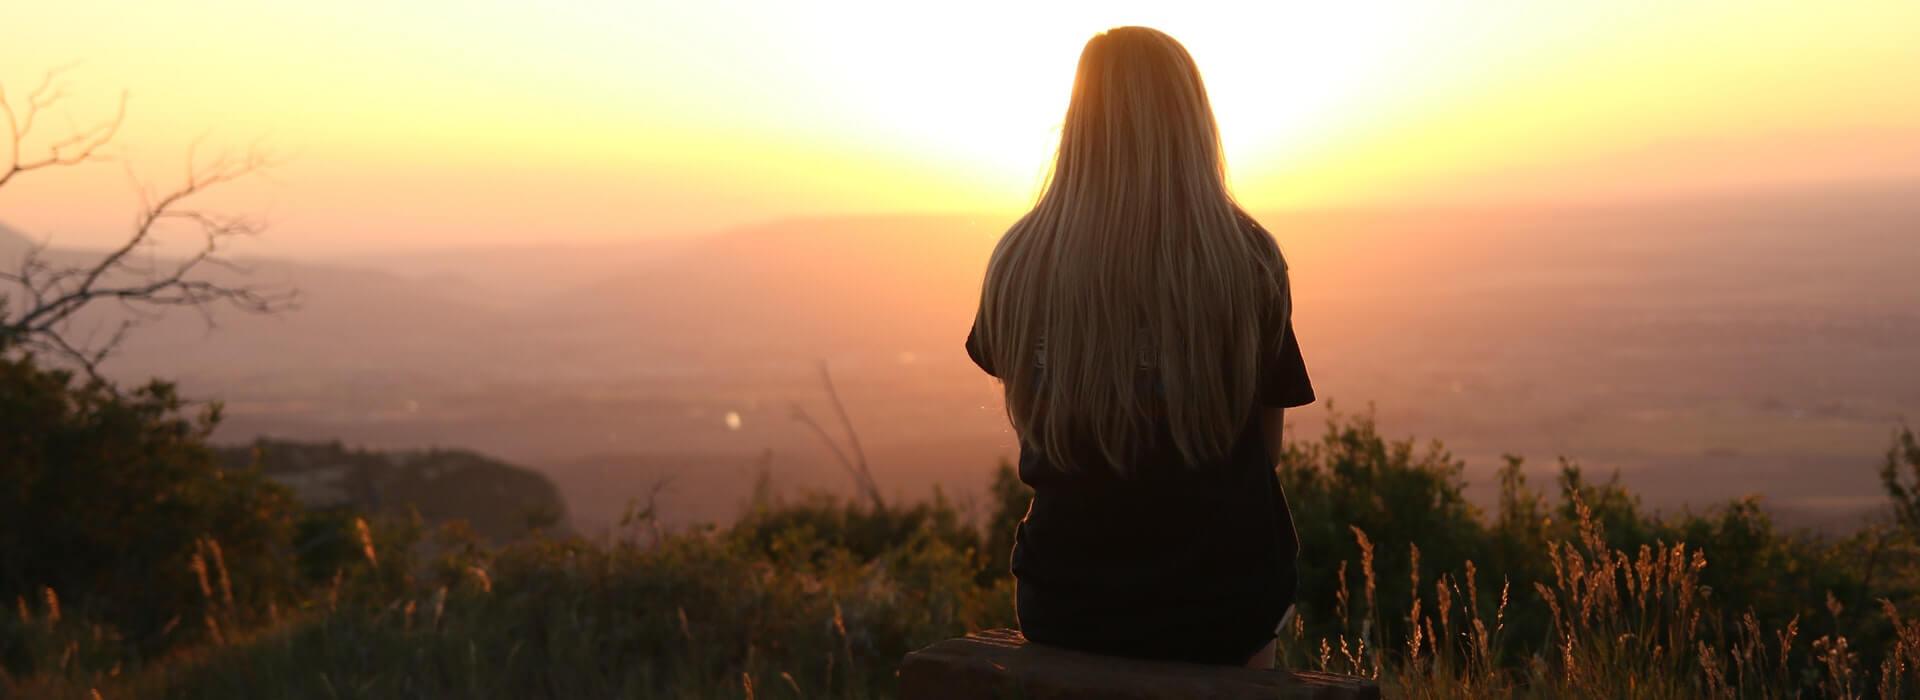 einsamkeit-alleinsein-single-tipps-traurig-bekommen